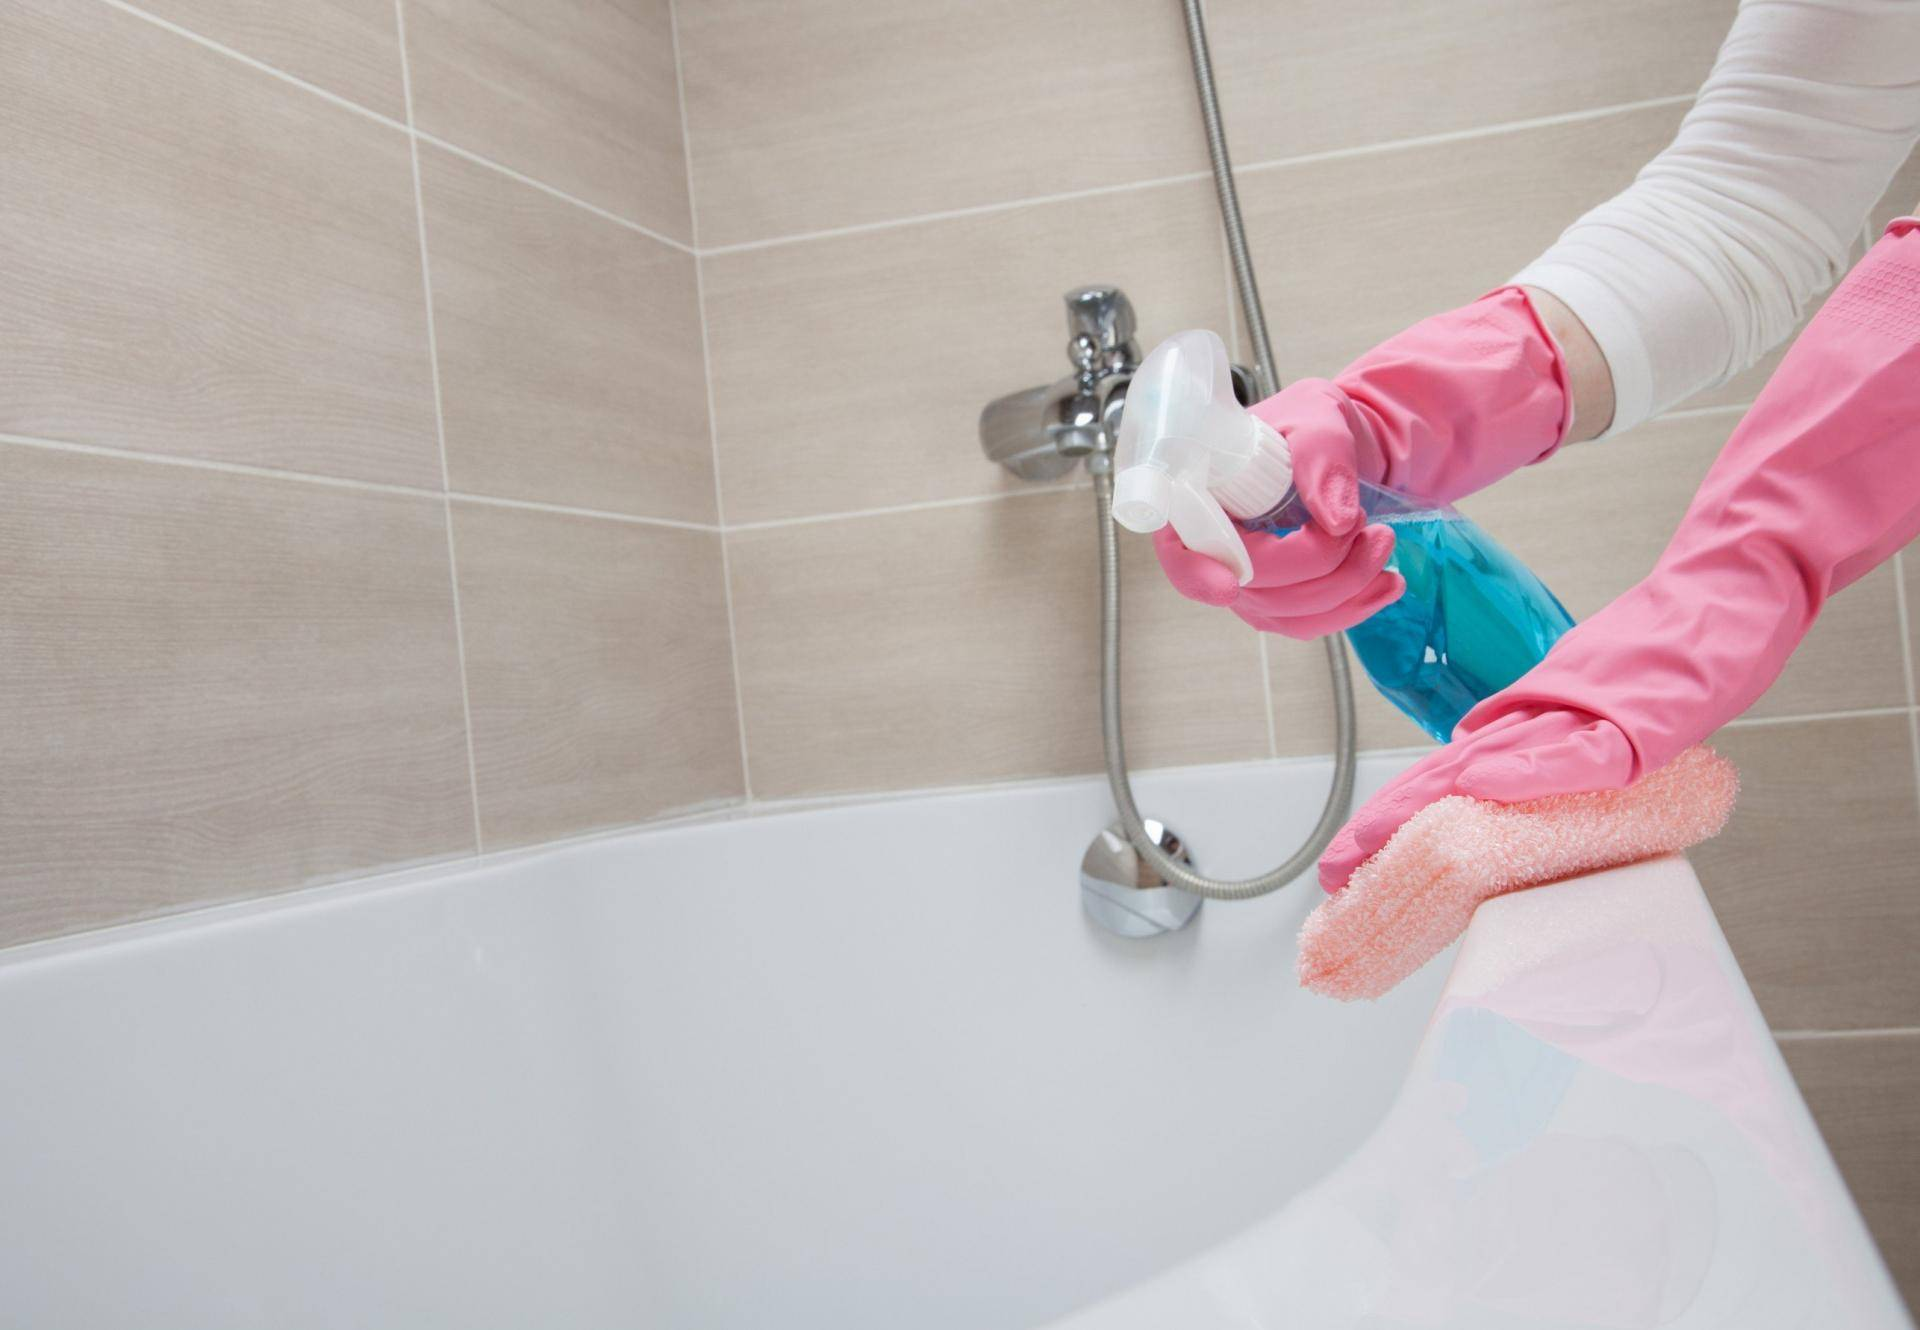 Как отмыть ванну без применения химических средств - леди - советы на joinfo.ua